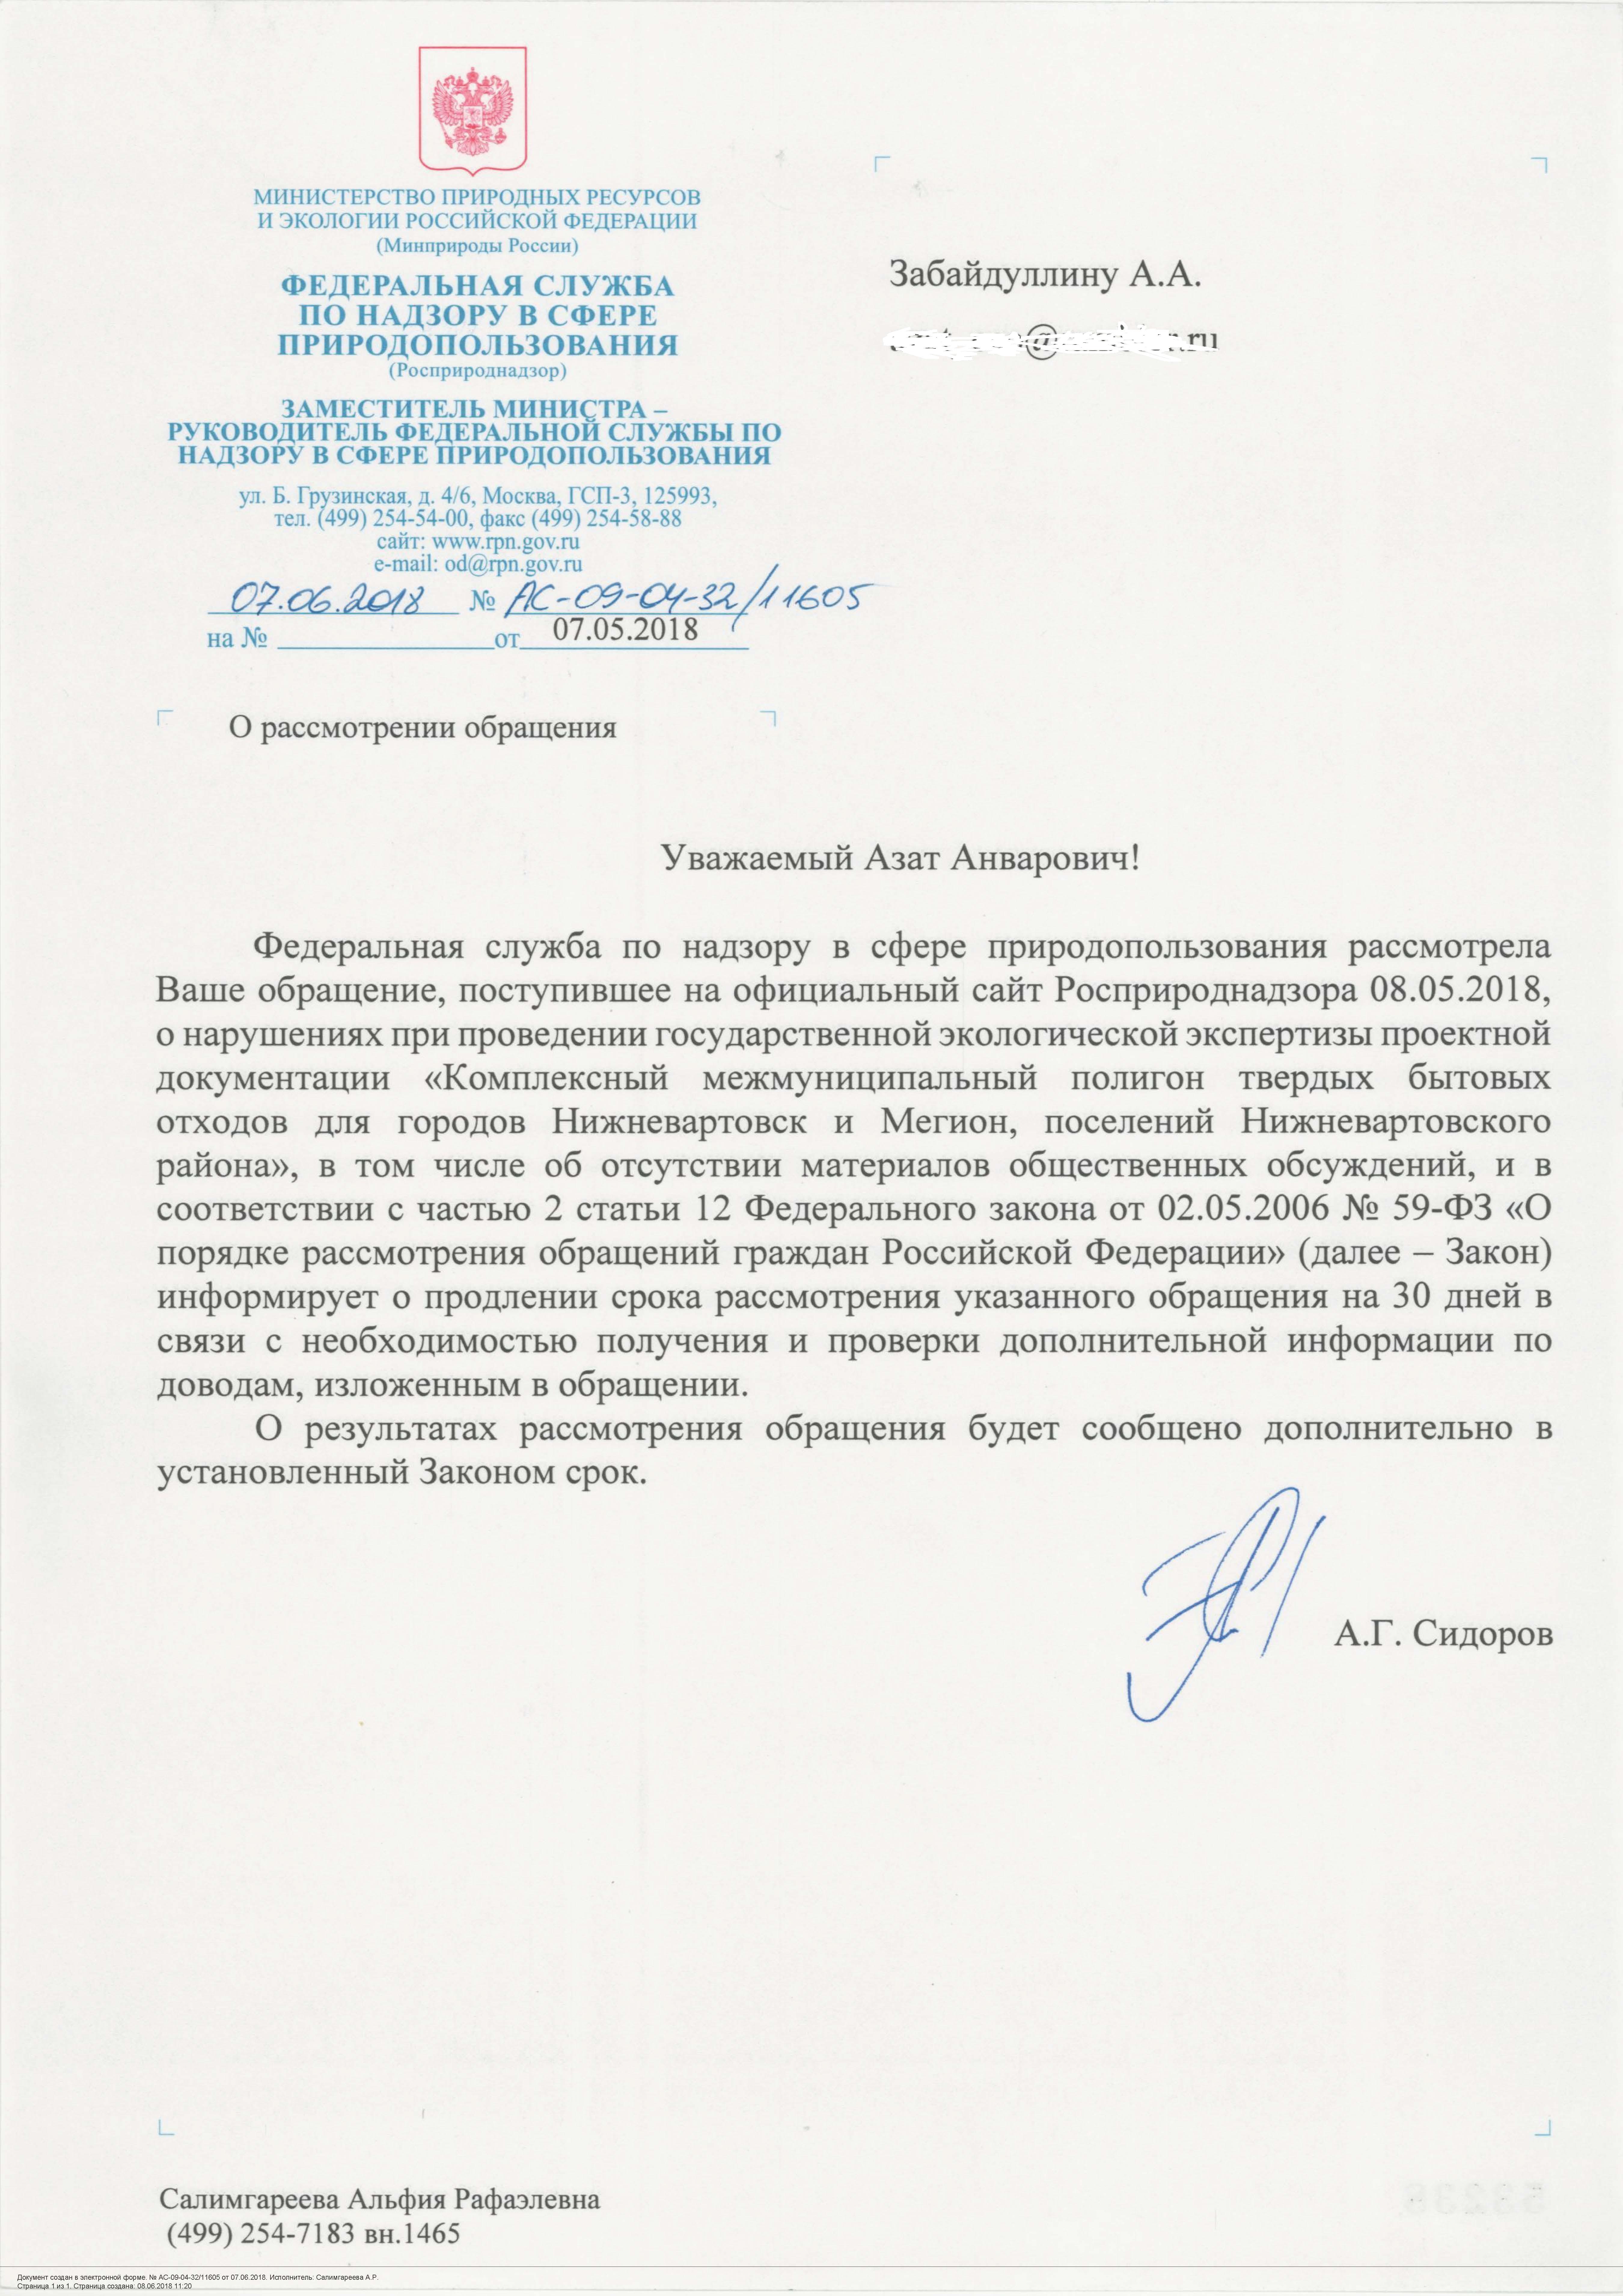 07.06.2018_AS-09-04-32_11605_Sidorov A.G._Zubajdullin A.A